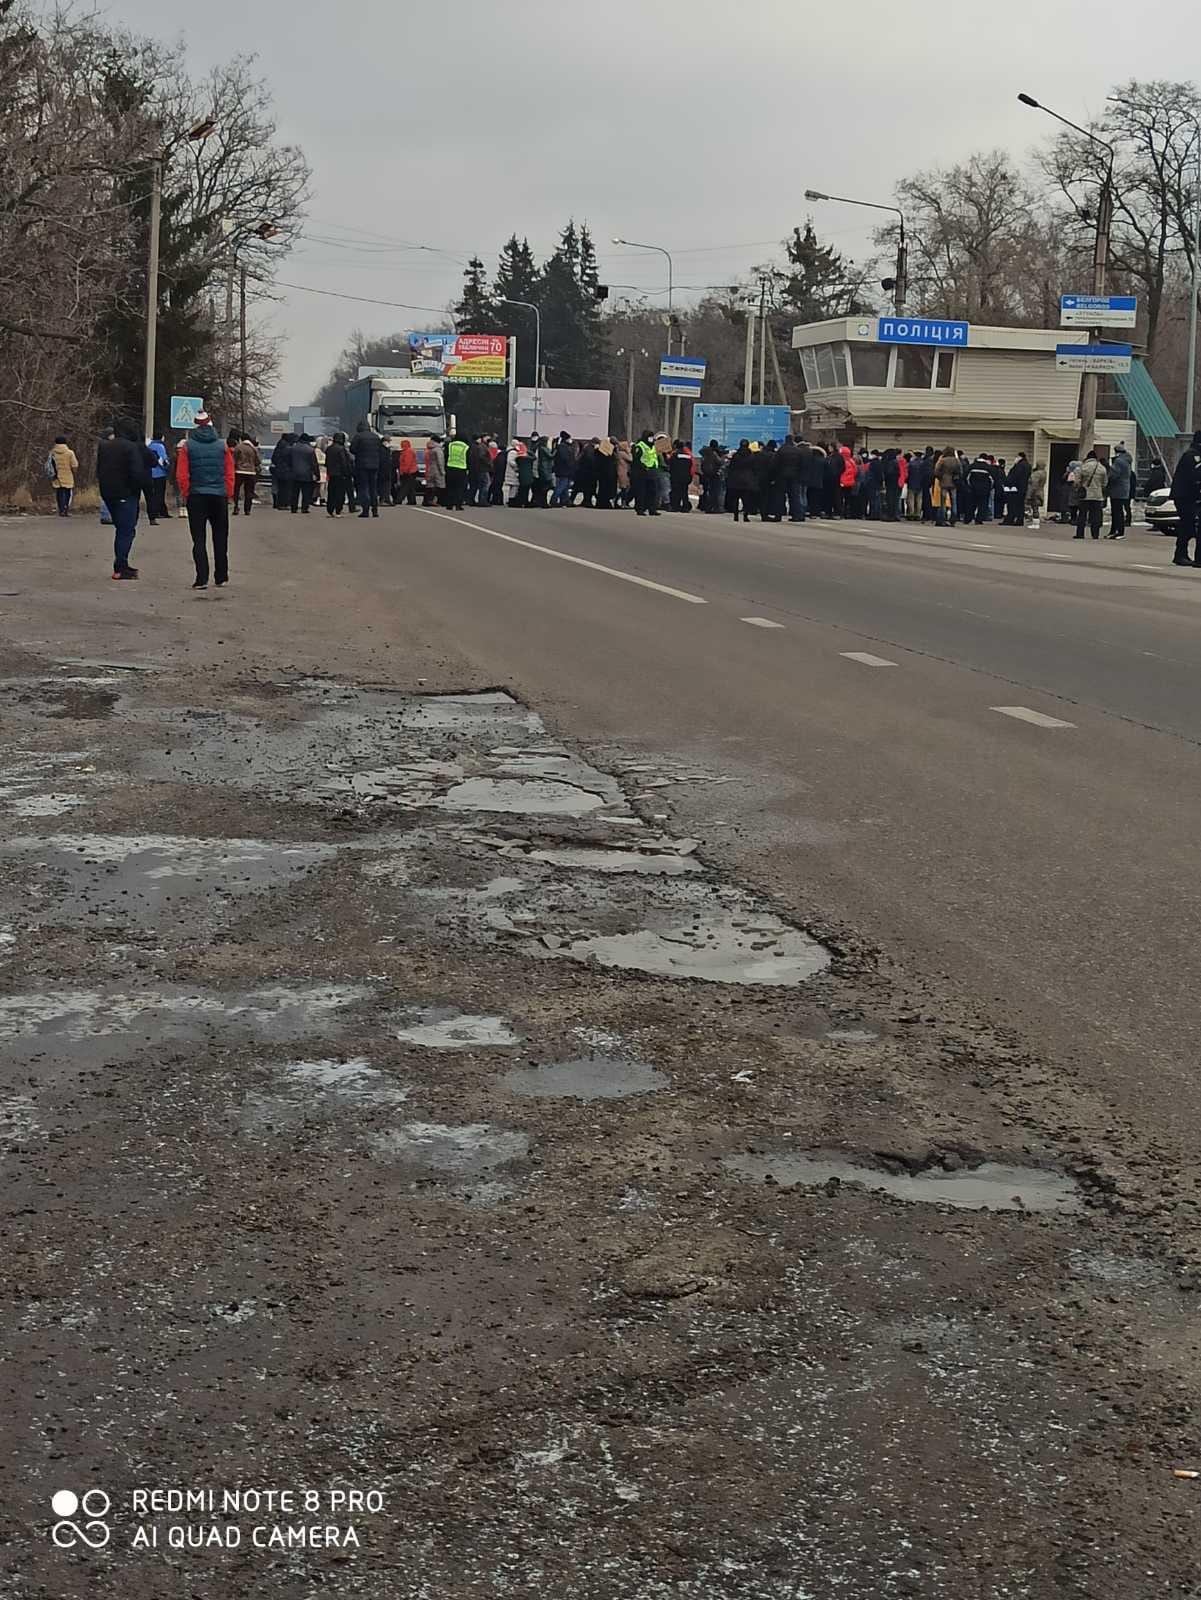 В Харьковской области протестуют из-за тарифов на газ. Люди перекрыли трассу